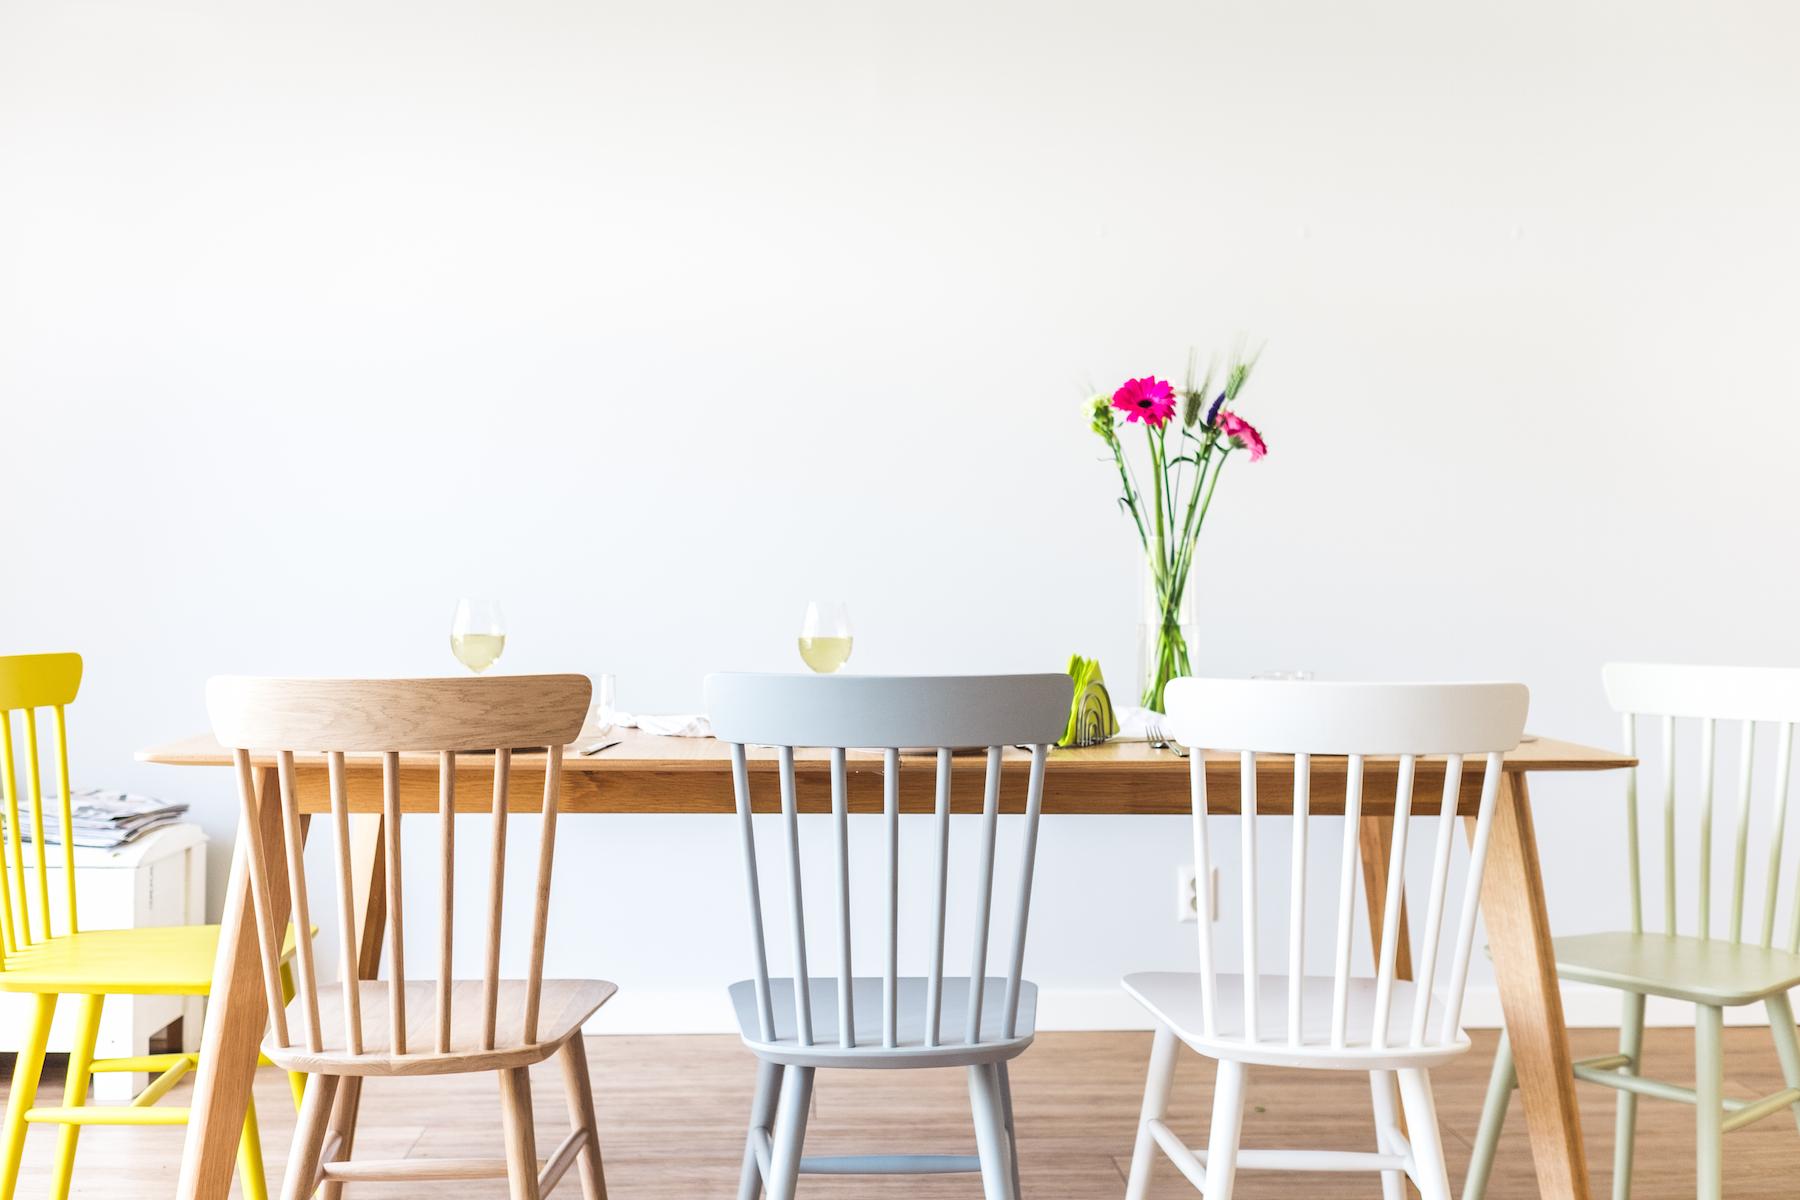 Vintage Stoelen Eettafel.Pippa Houten Spijlenstoel Home Decor In 2019